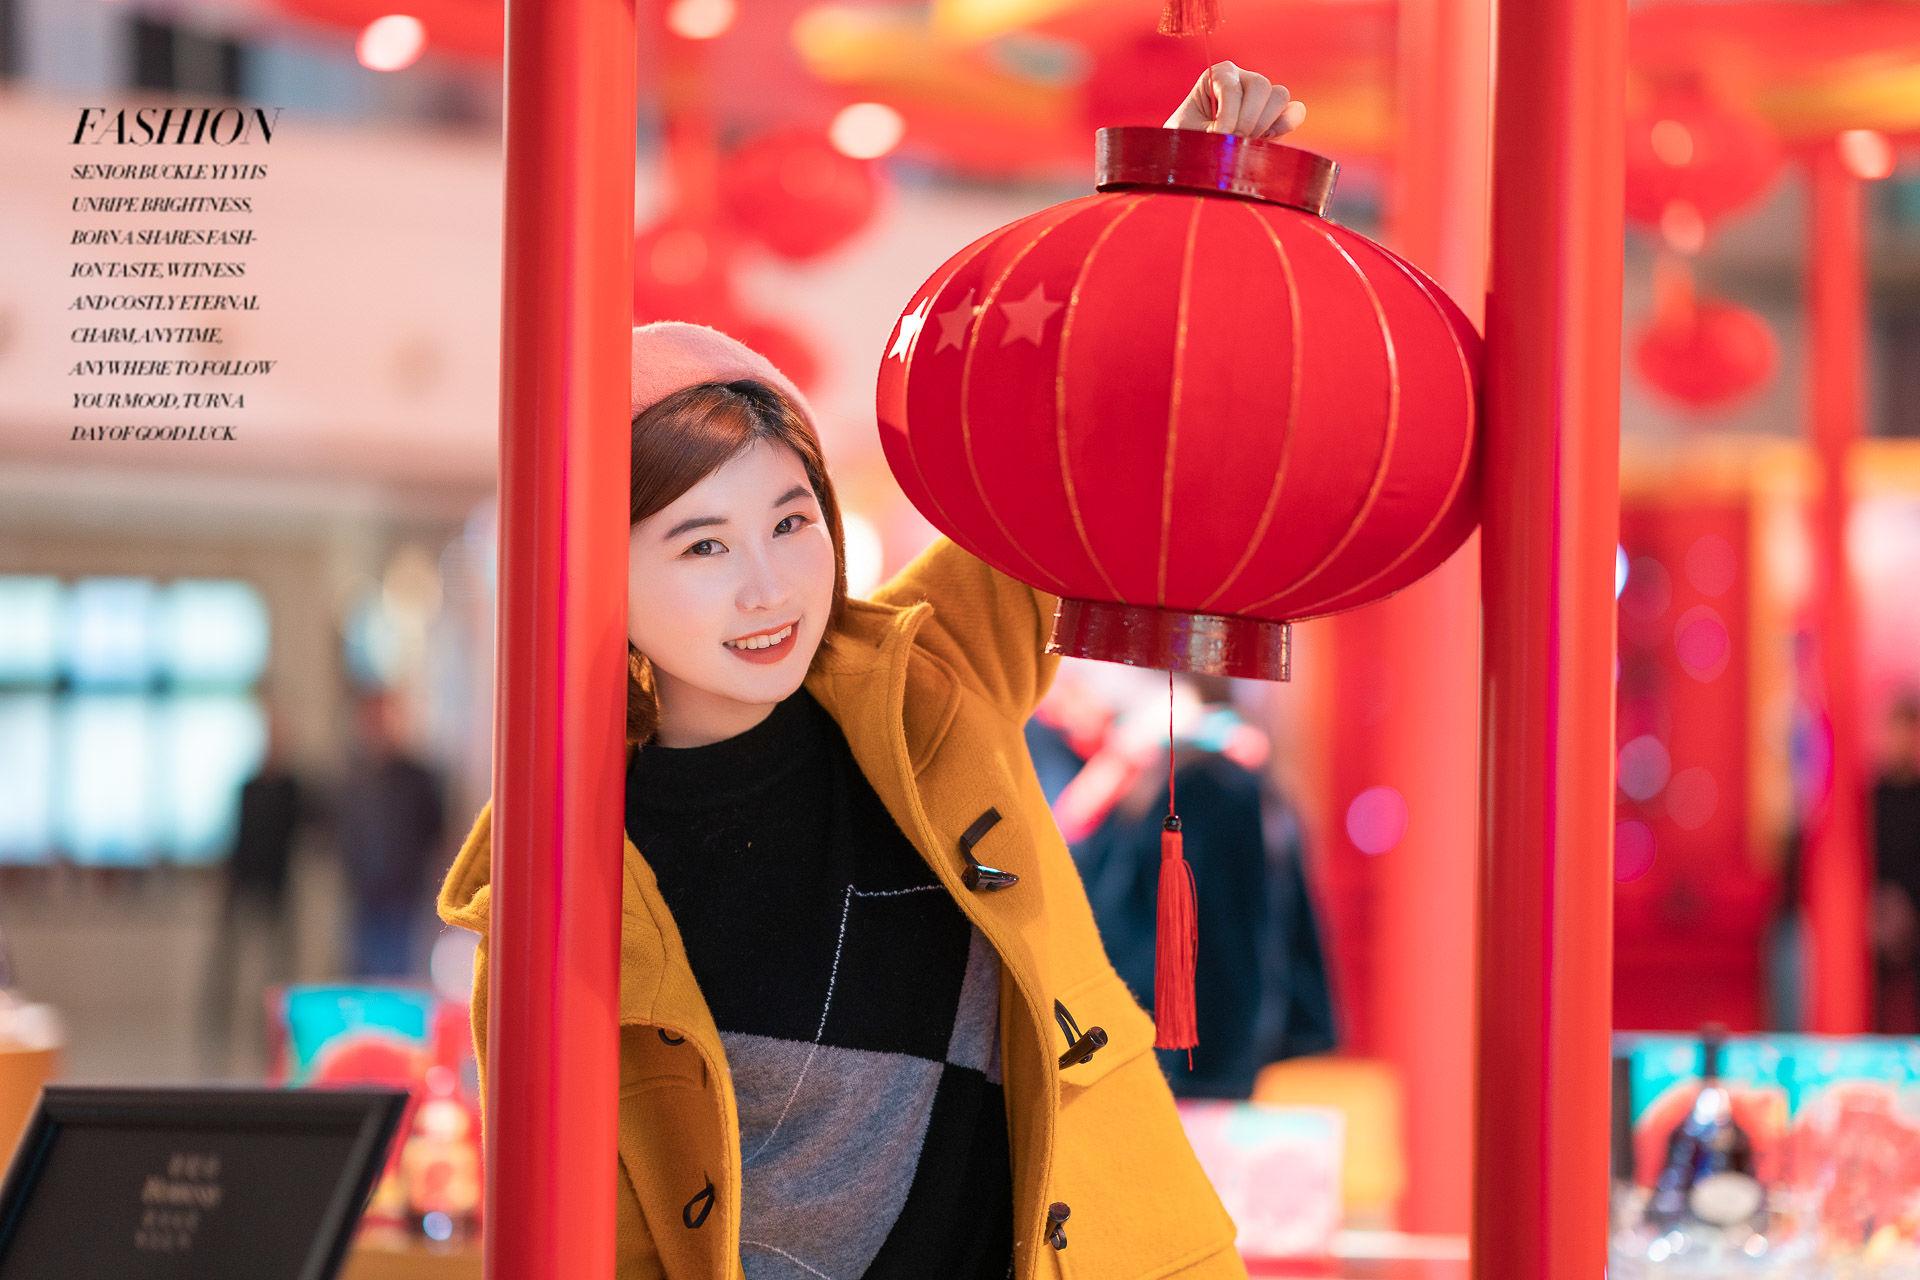 2019-01-24 新天地夜景街拍_攝影師晦恩 模特圓圓